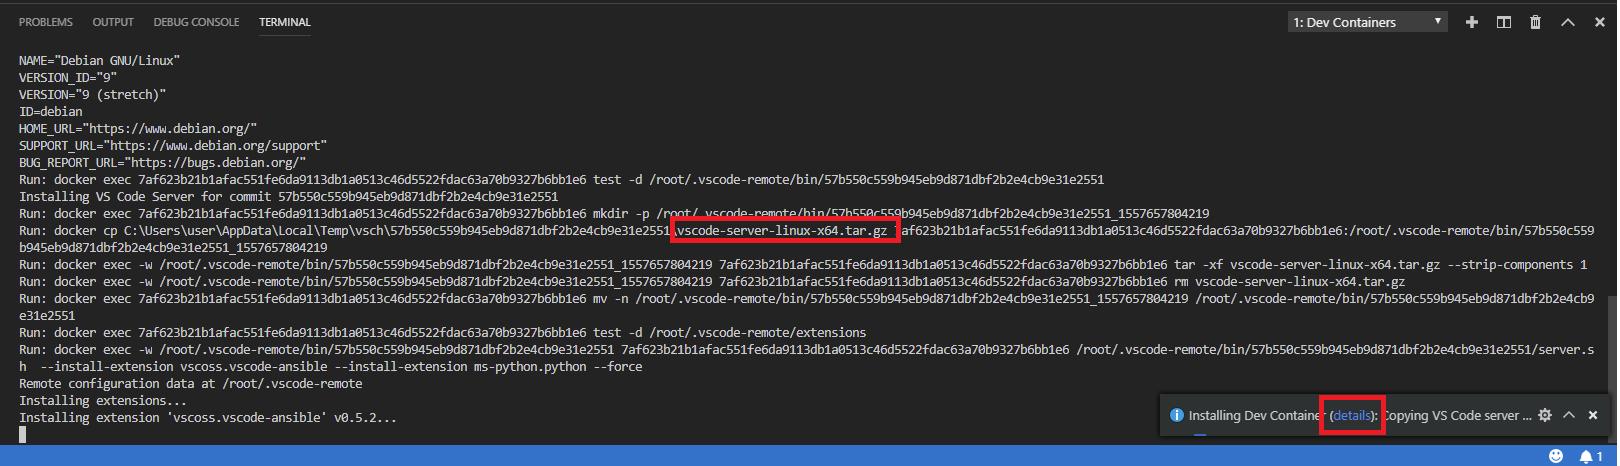 vscode-remote-vscode-server.png